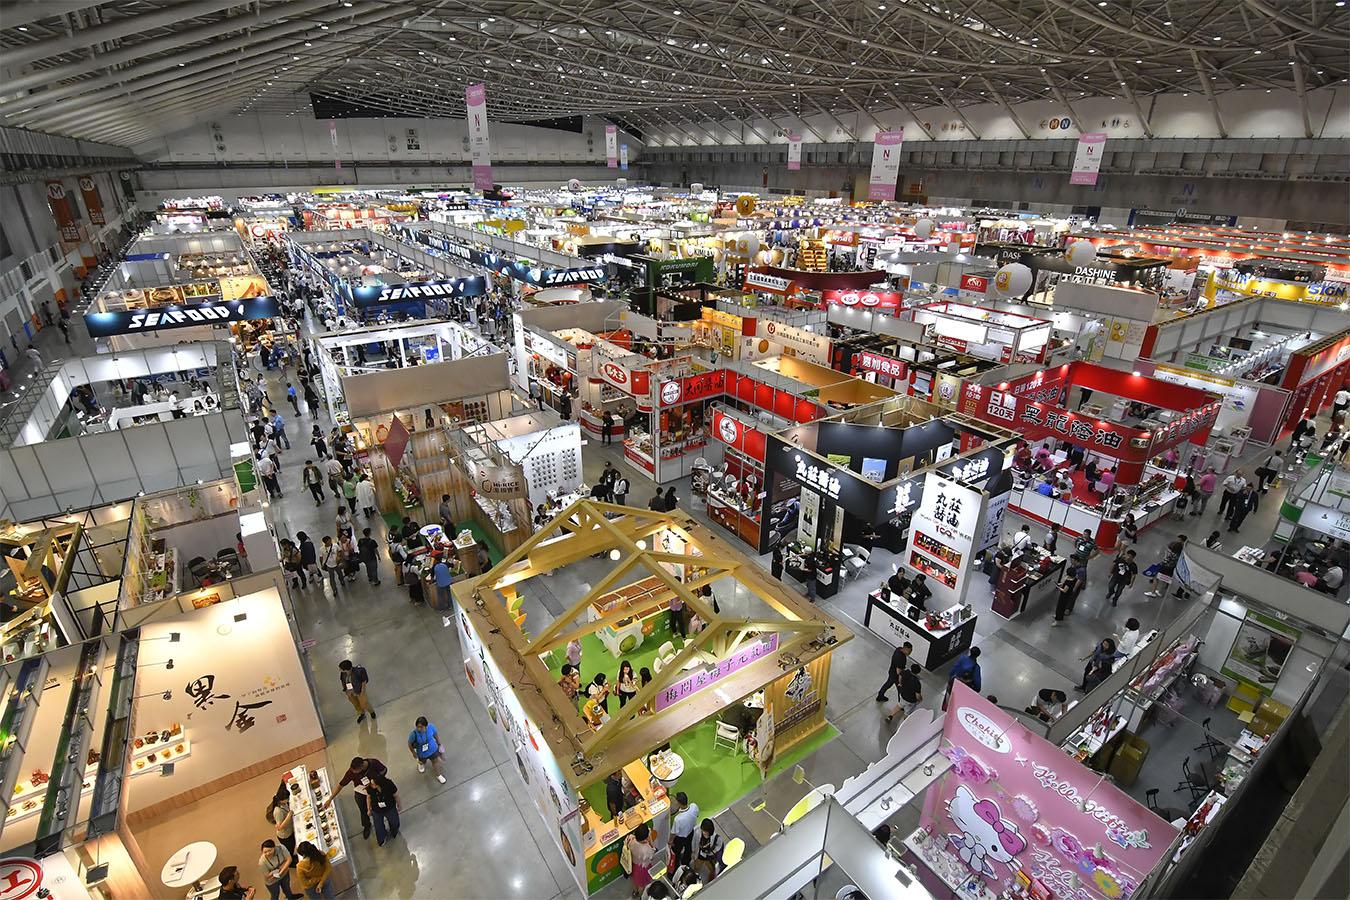 2019台北國際食品展登場 茶飲原料、素食、農產品成趨勢亮點